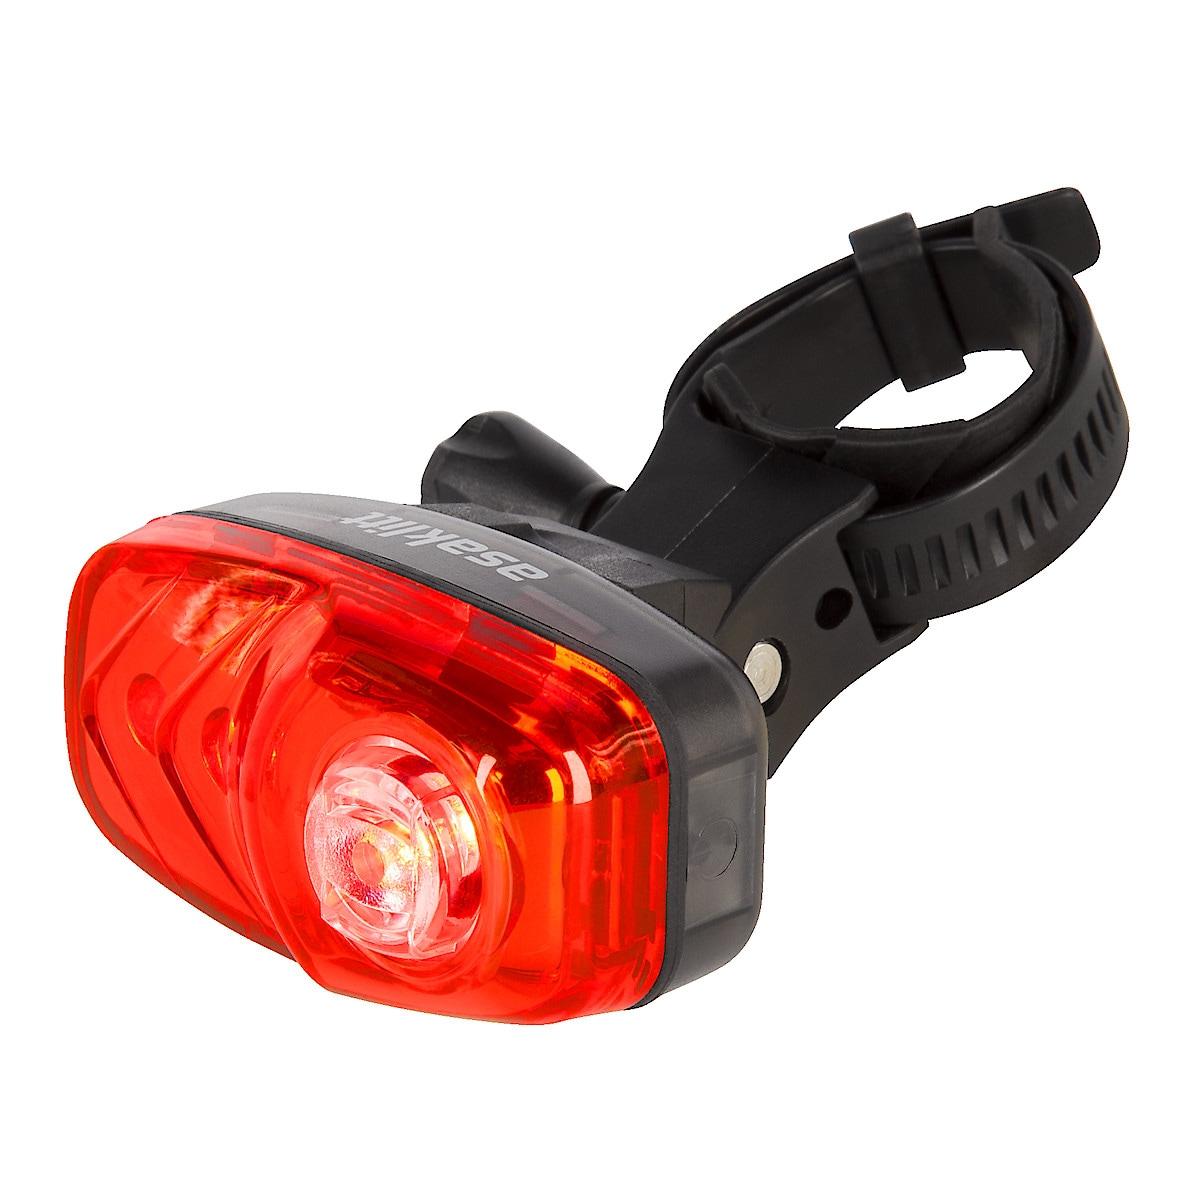 Cykelbelysning bak LED Asaklitt